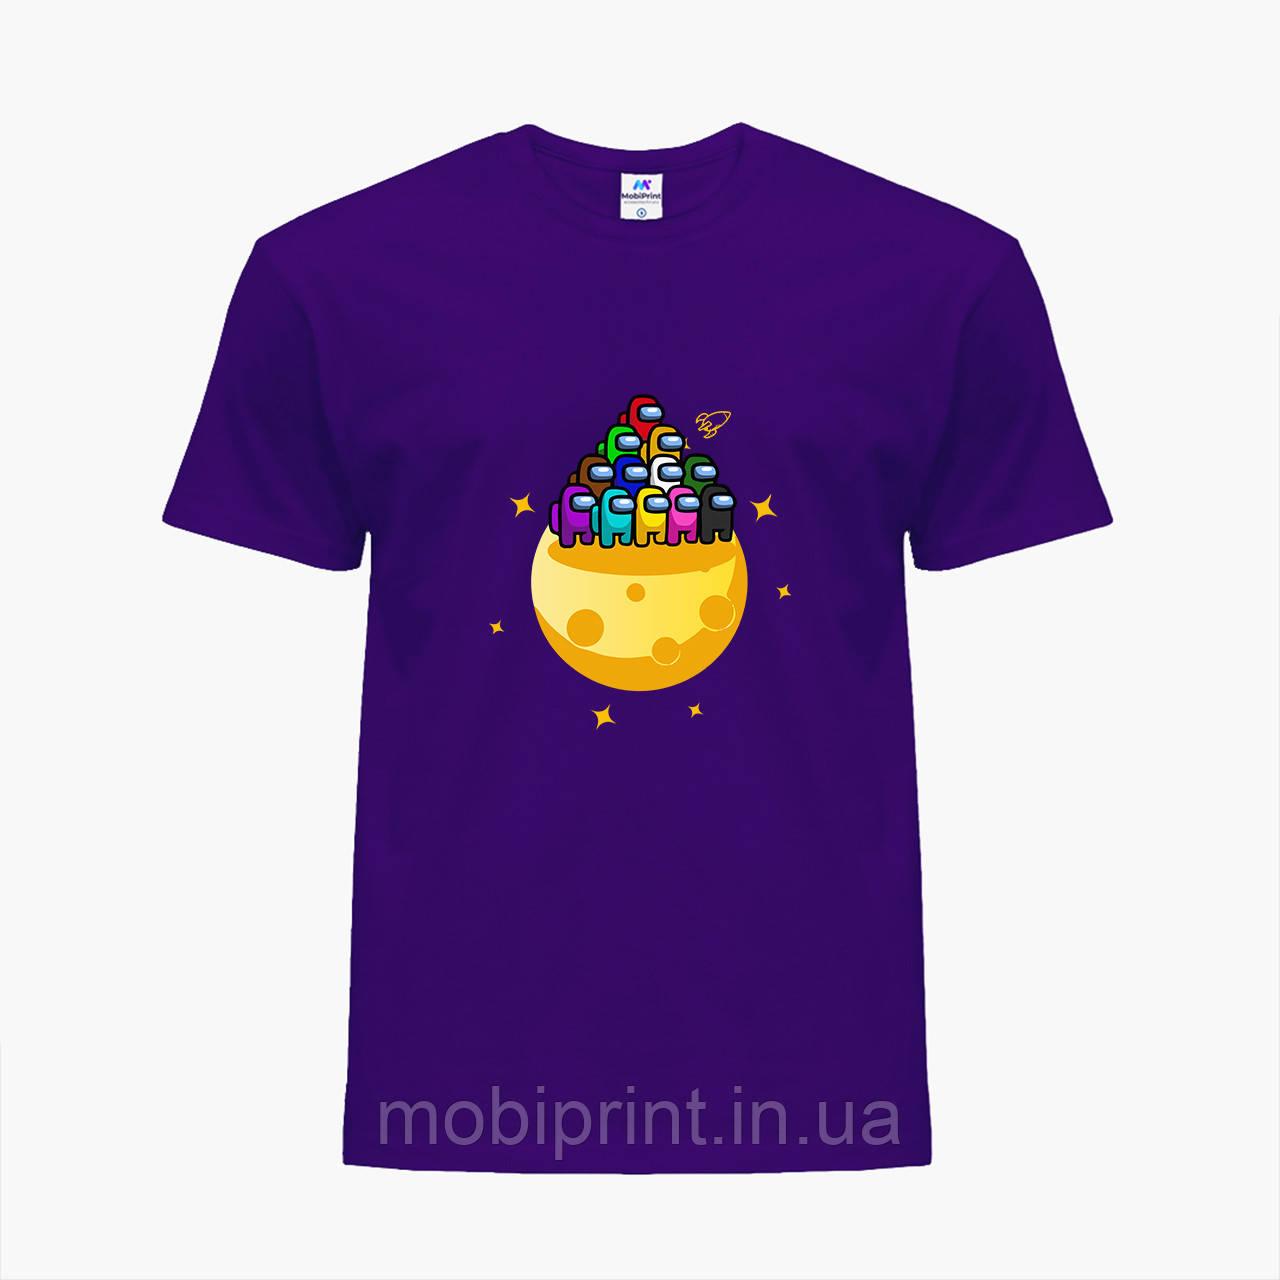 Детская футболка для мальчиков Амонг Ас (Among Us) (25186-2584) Фиолетовый